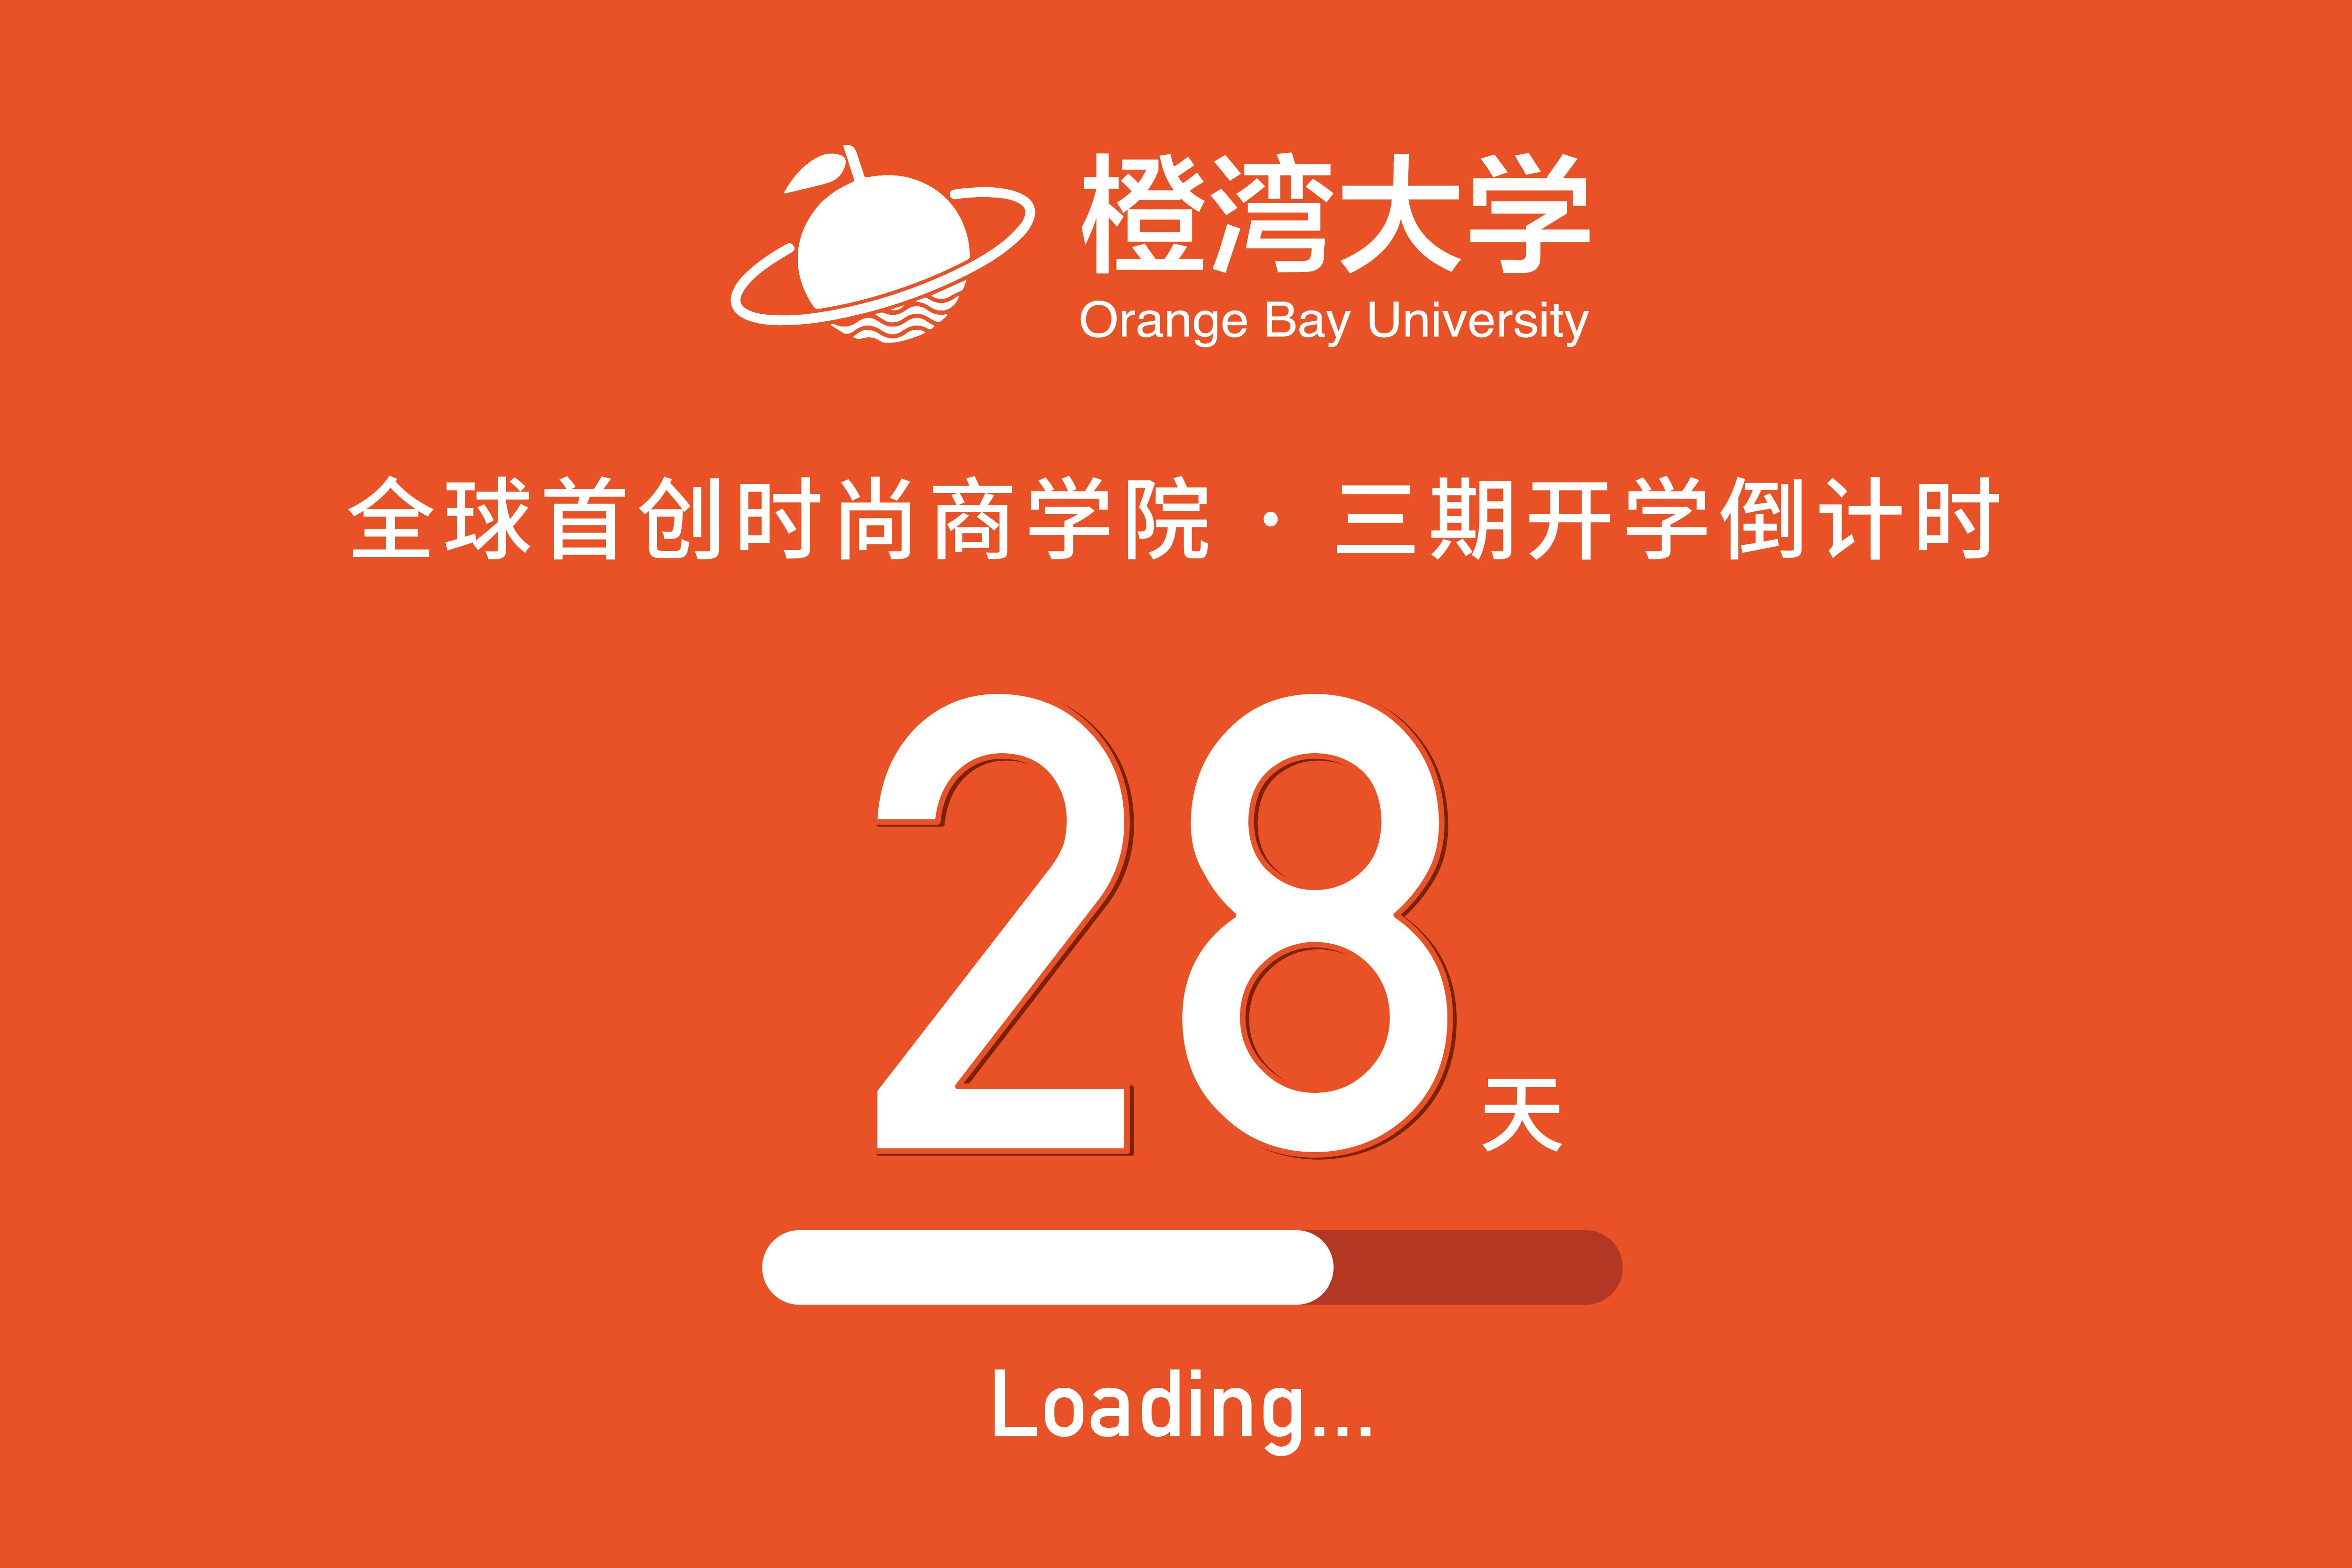 橙湾大学三期开学倒计时:28天!与中国时尚产业最有抱负的一批精英人士共同学习和成长!